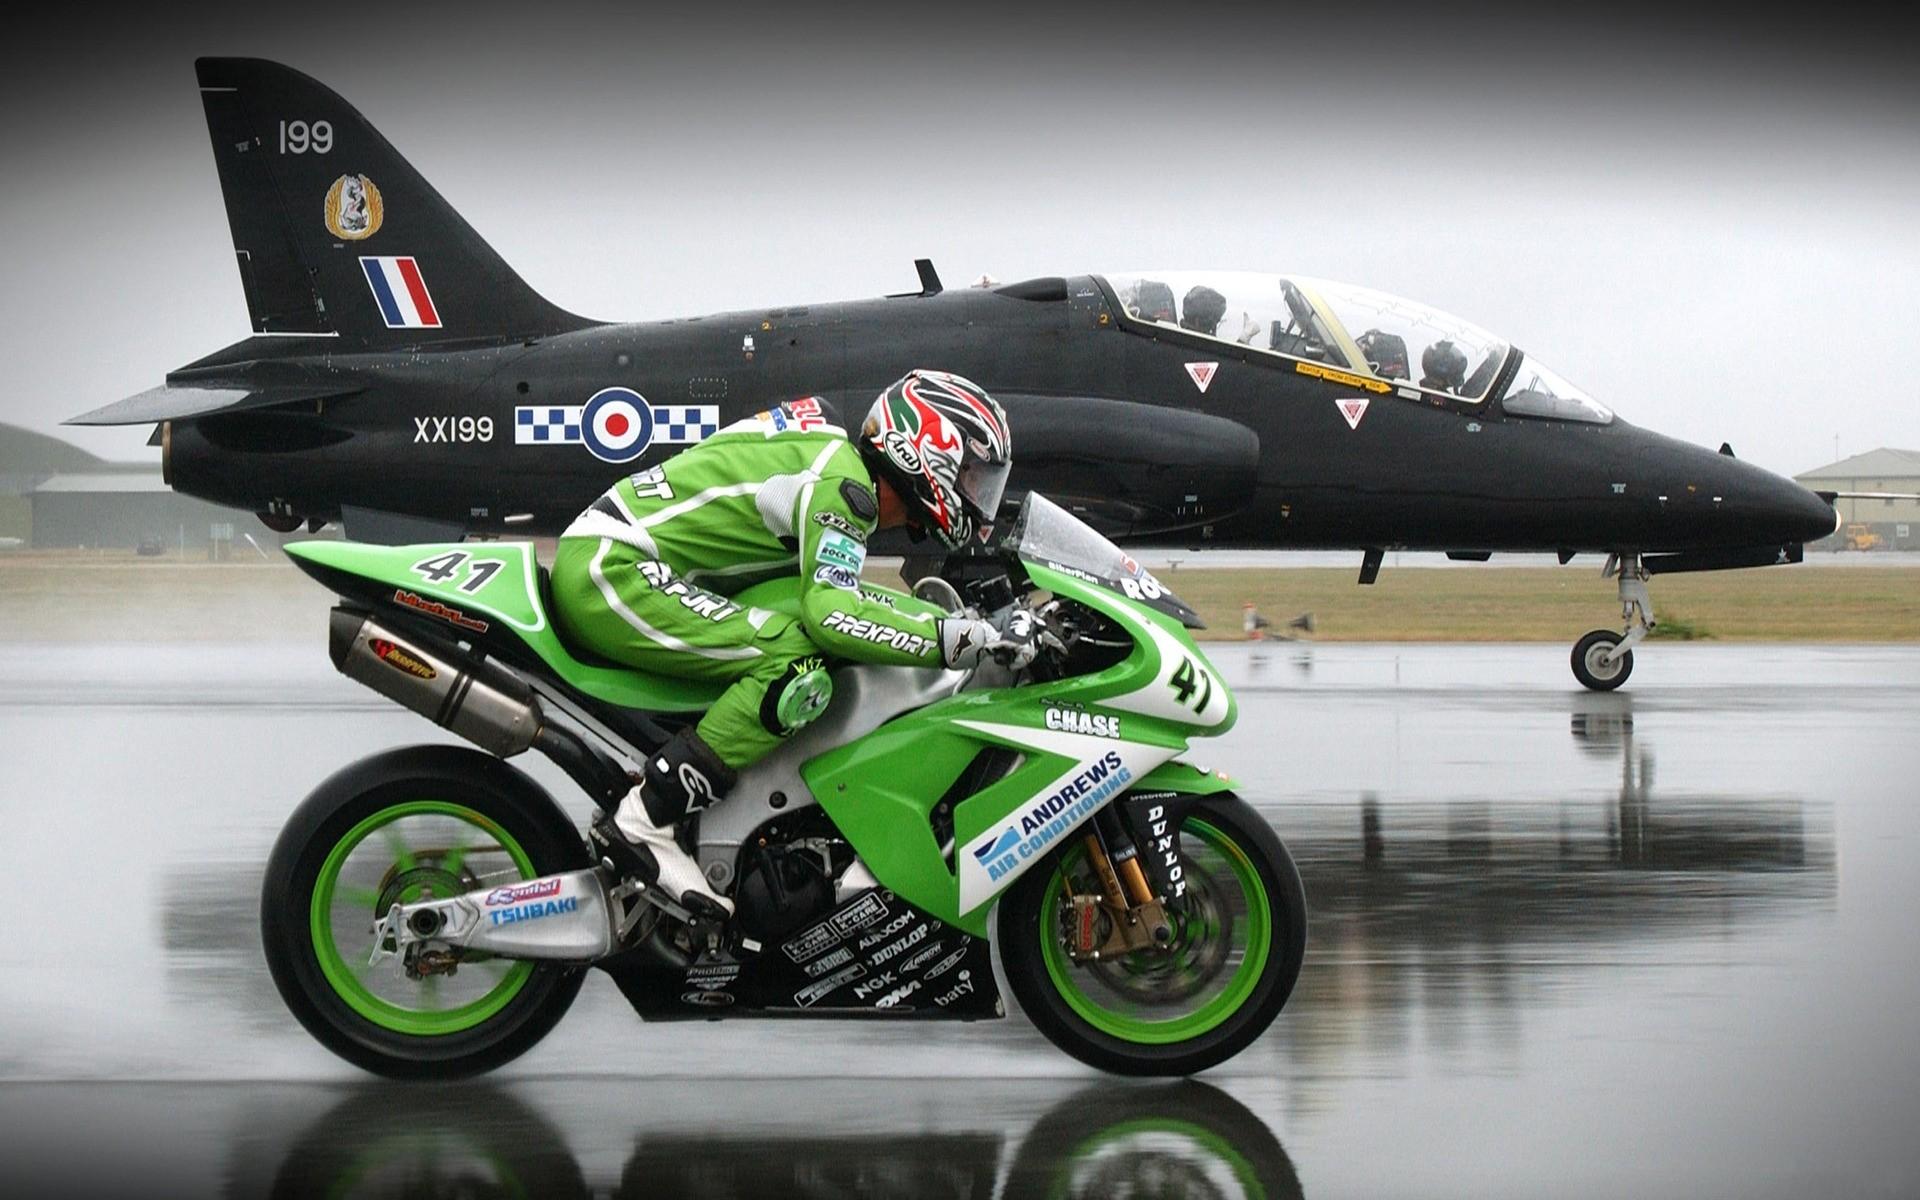 Carrera de Avión vs Moto - 1920x1200